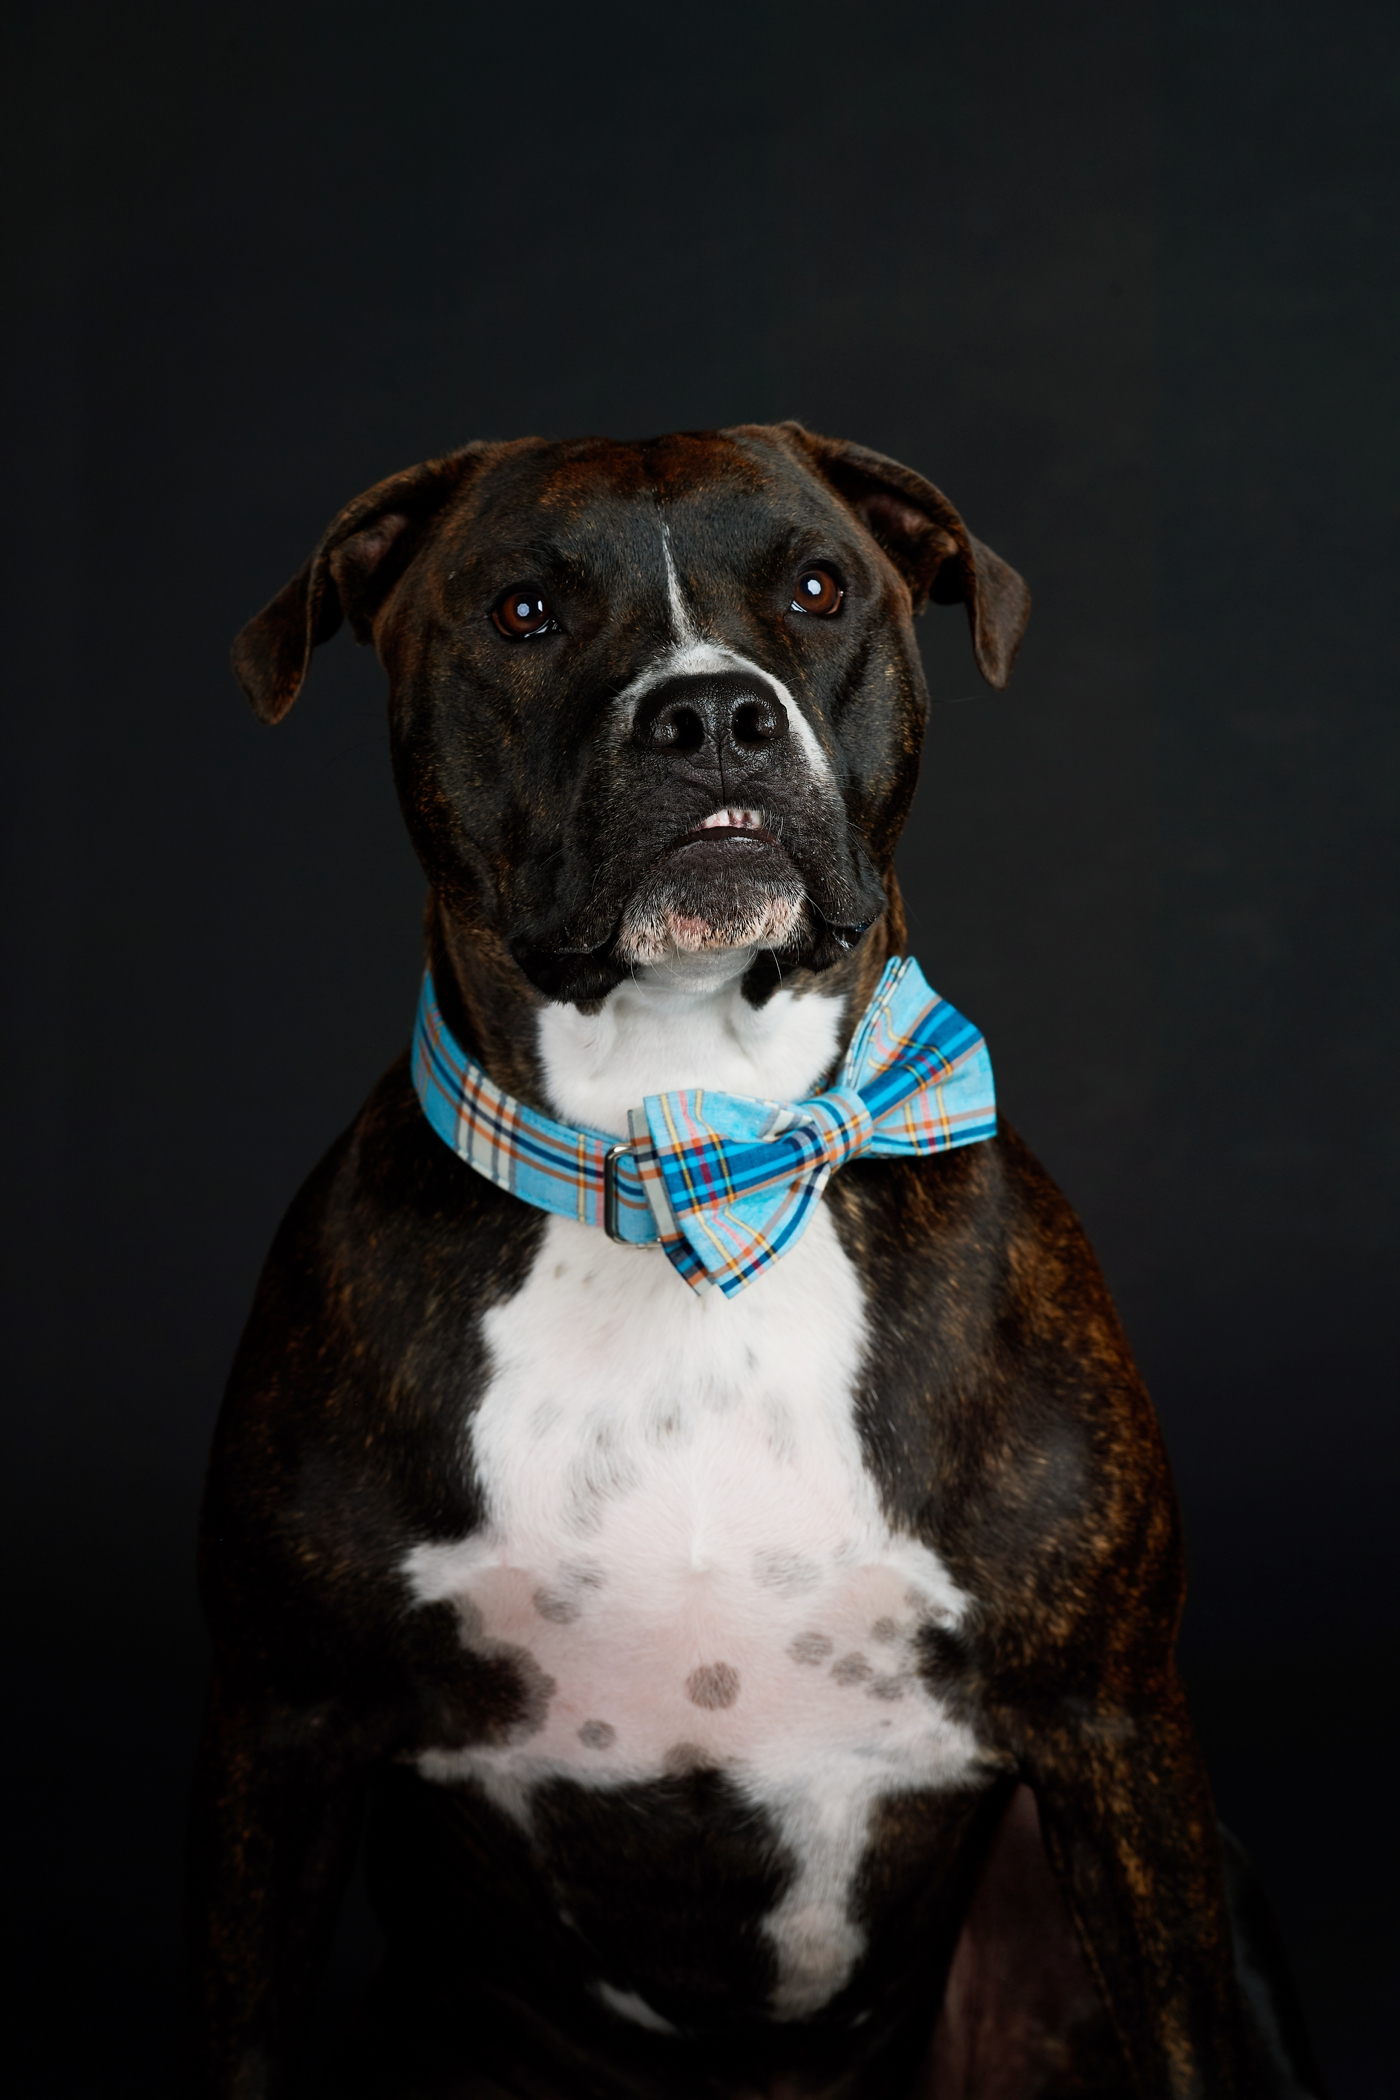 animal rescue portraits